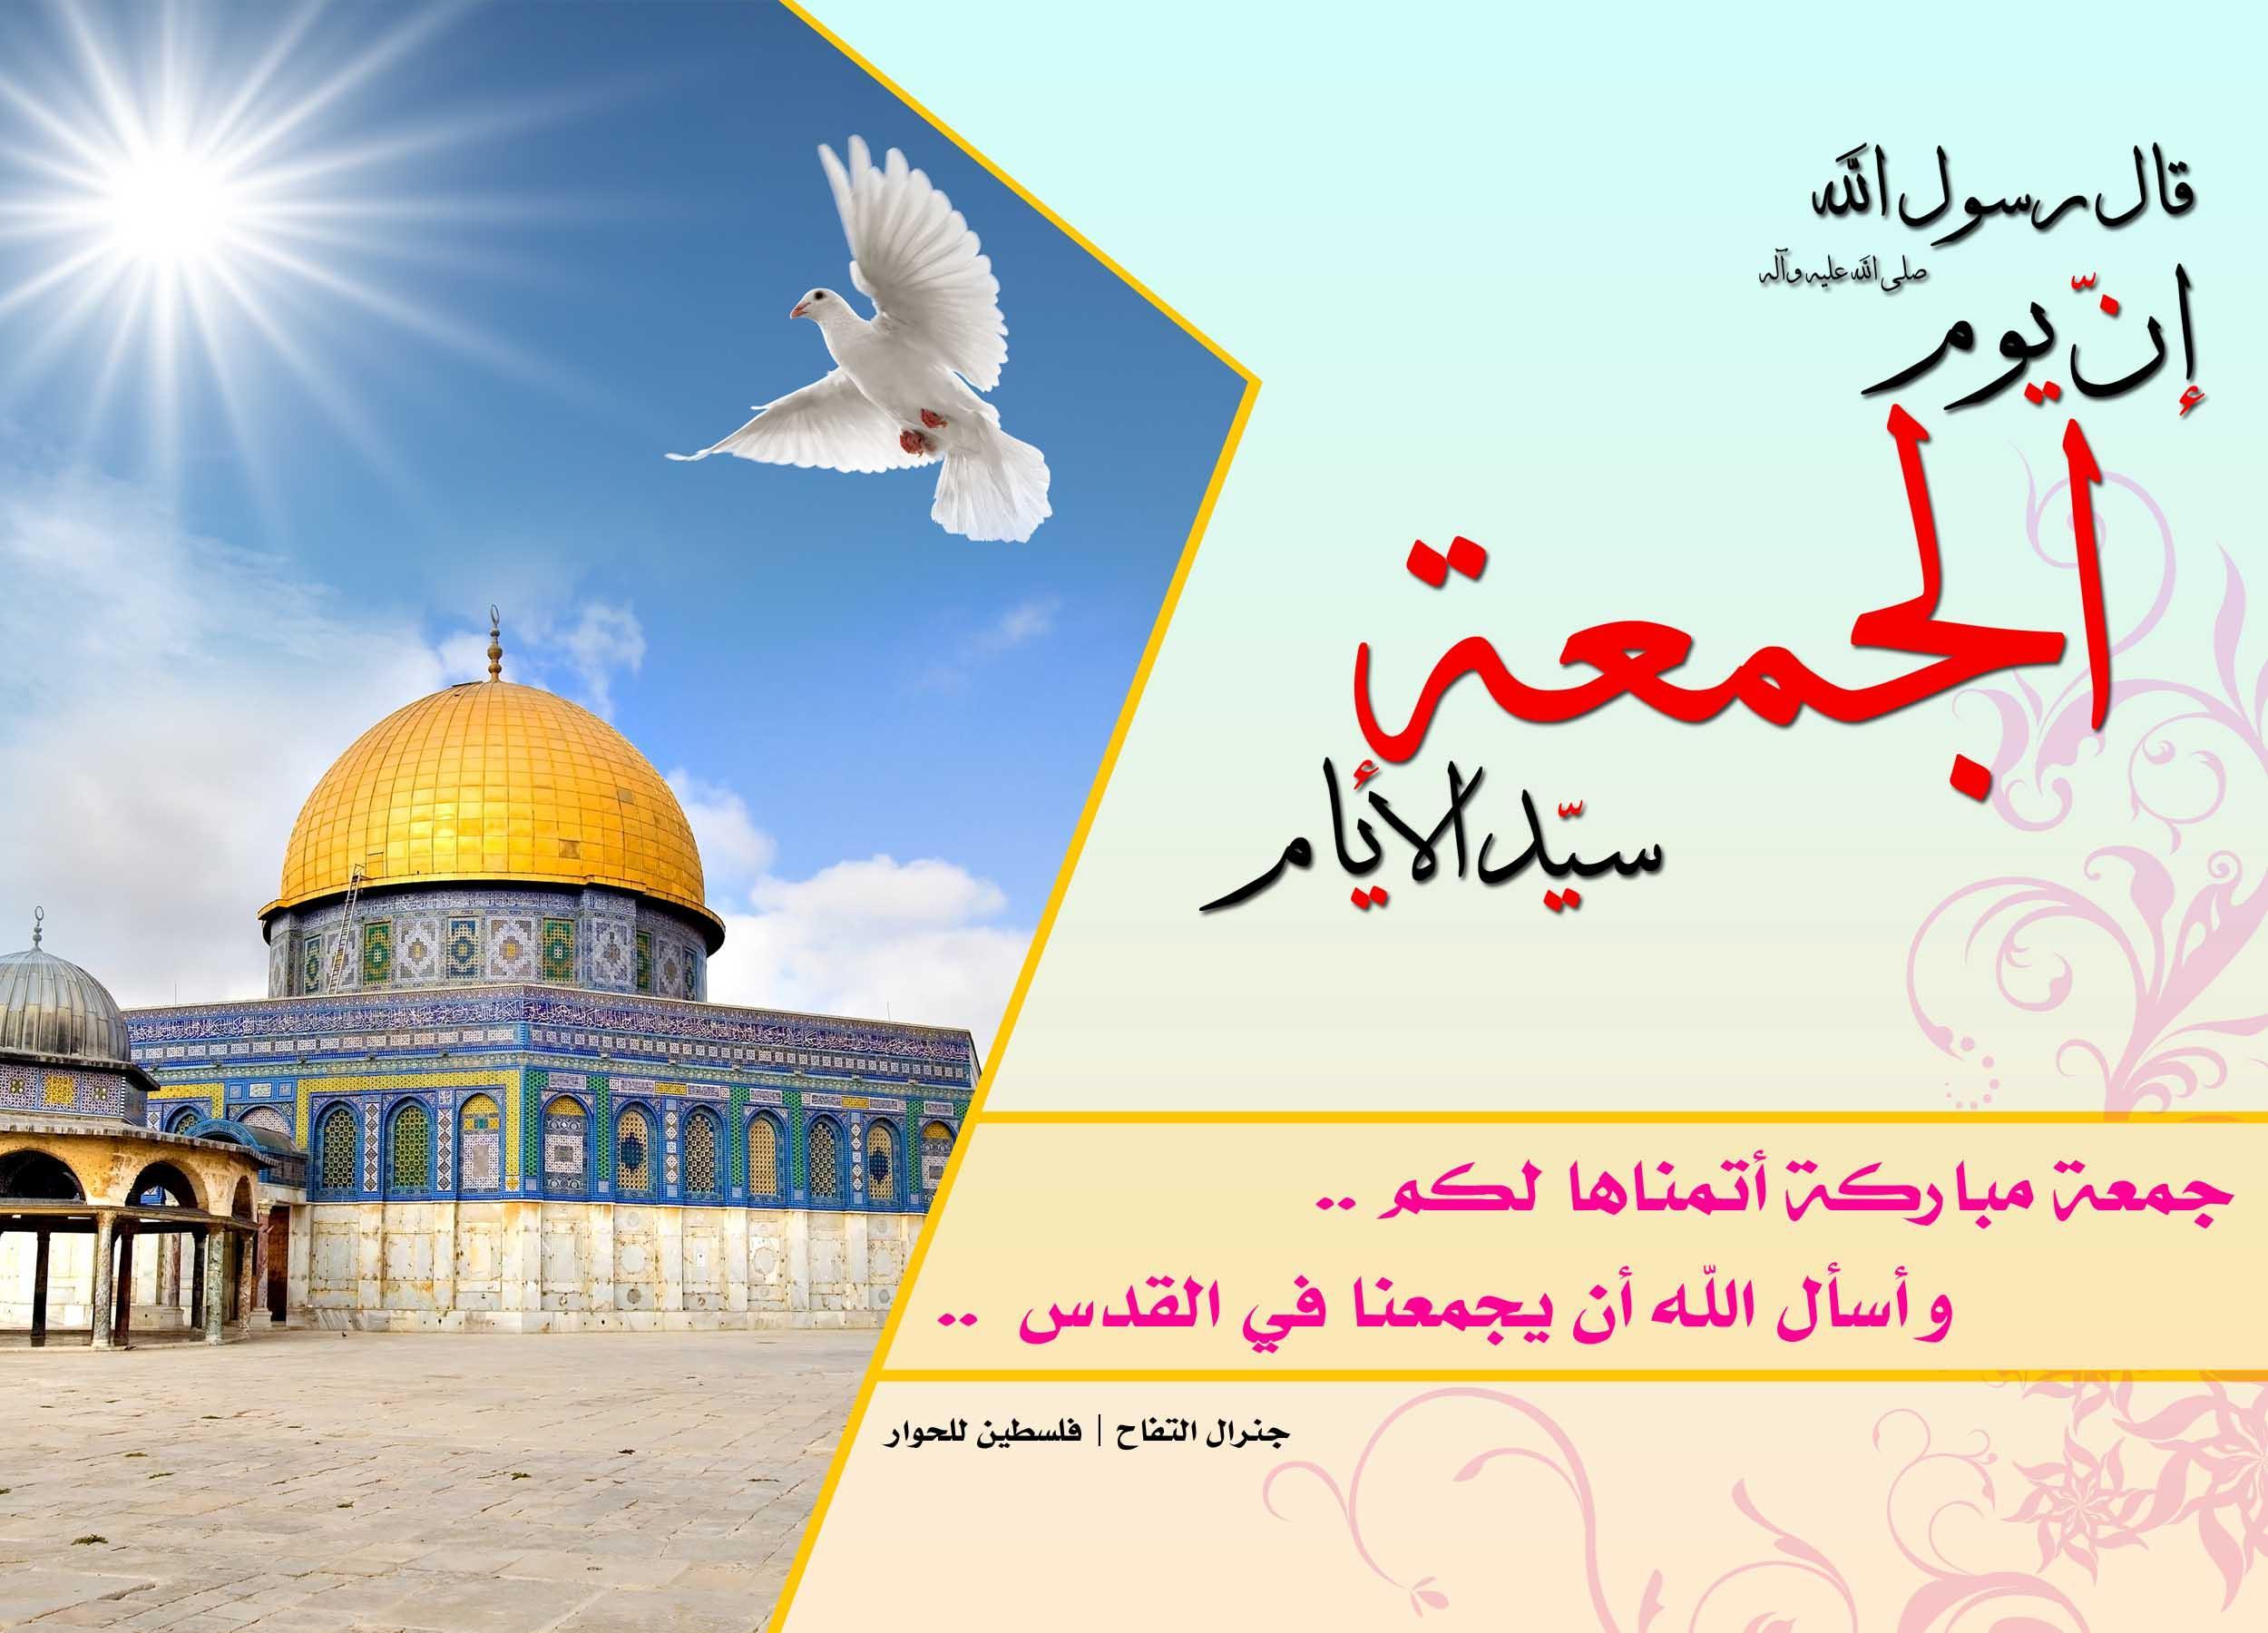 صور جمعة مباركة 2021 بوستات جمعه مباركه 71